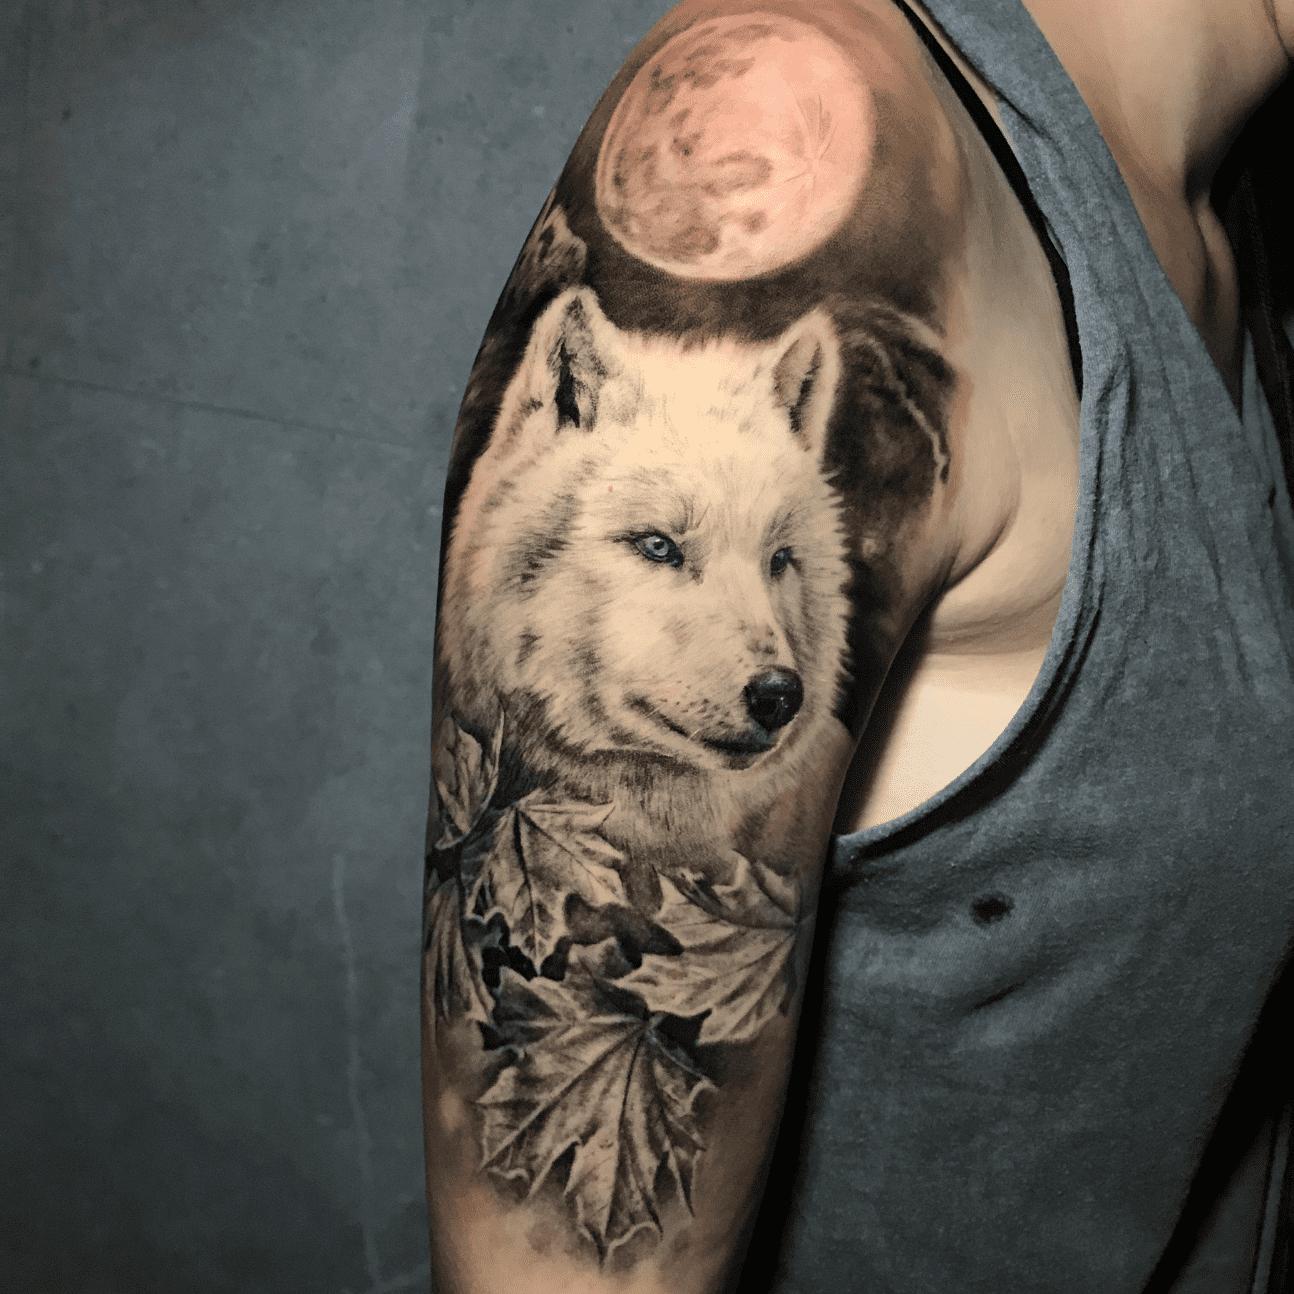 Se stai cercando tattoo bianco e nero a Roma guarda i lavori di Andrea Alessandroni